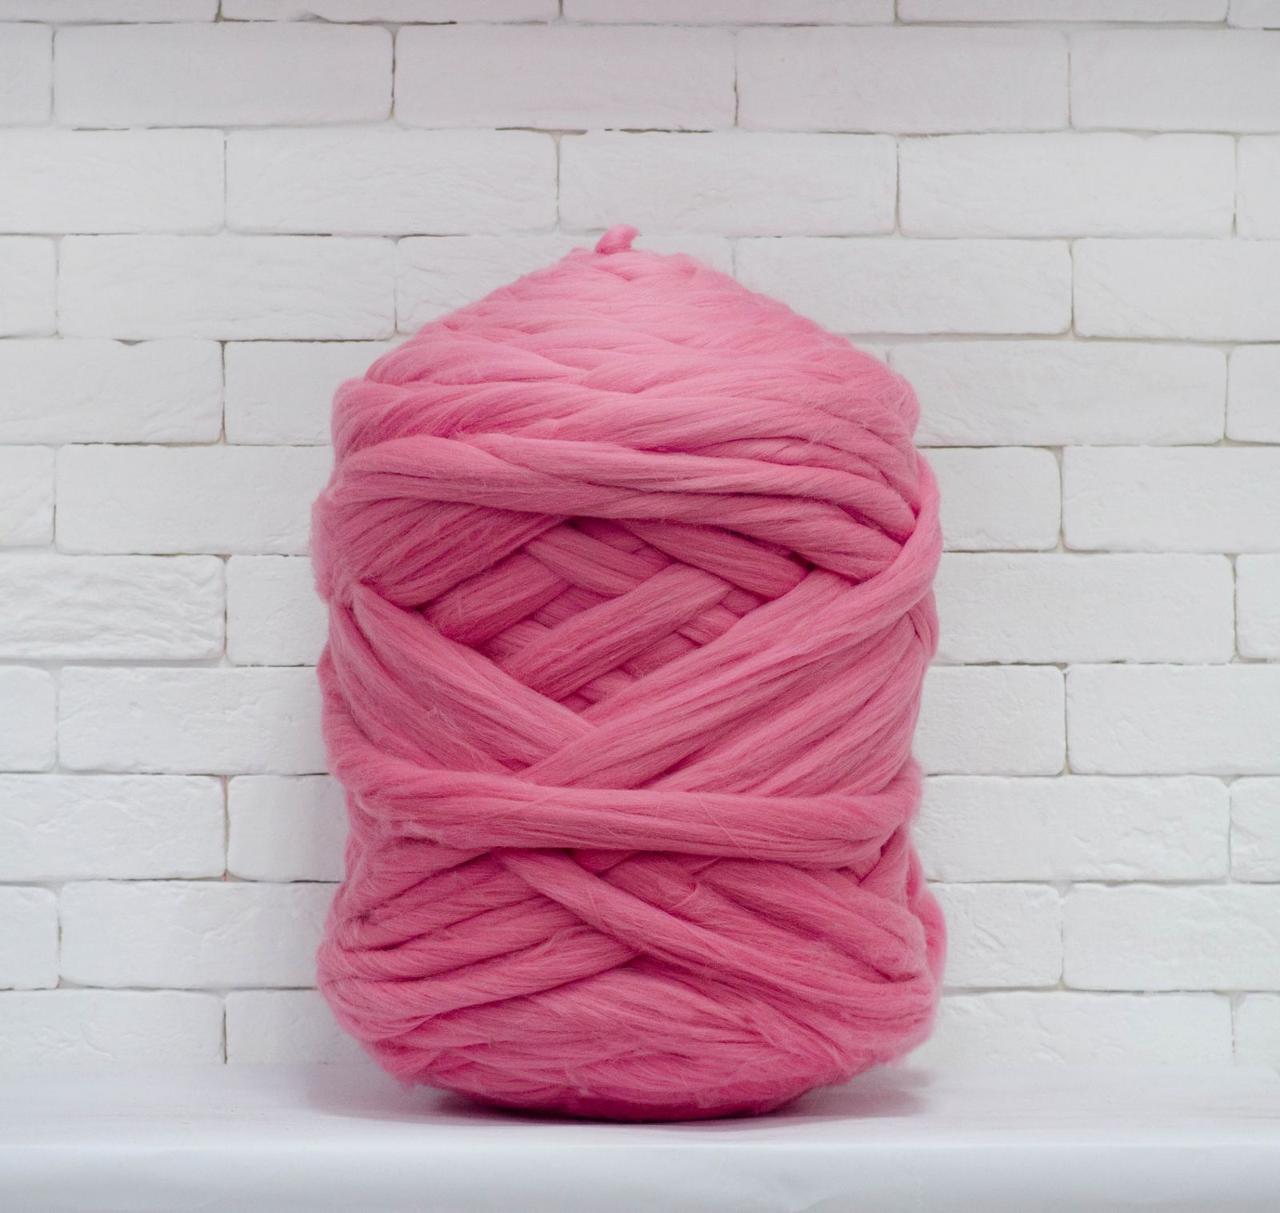 Товста, велика пряжа 100% вовна мериноса. Колір: Рожевий. 21-23 мкрн. Топсі.